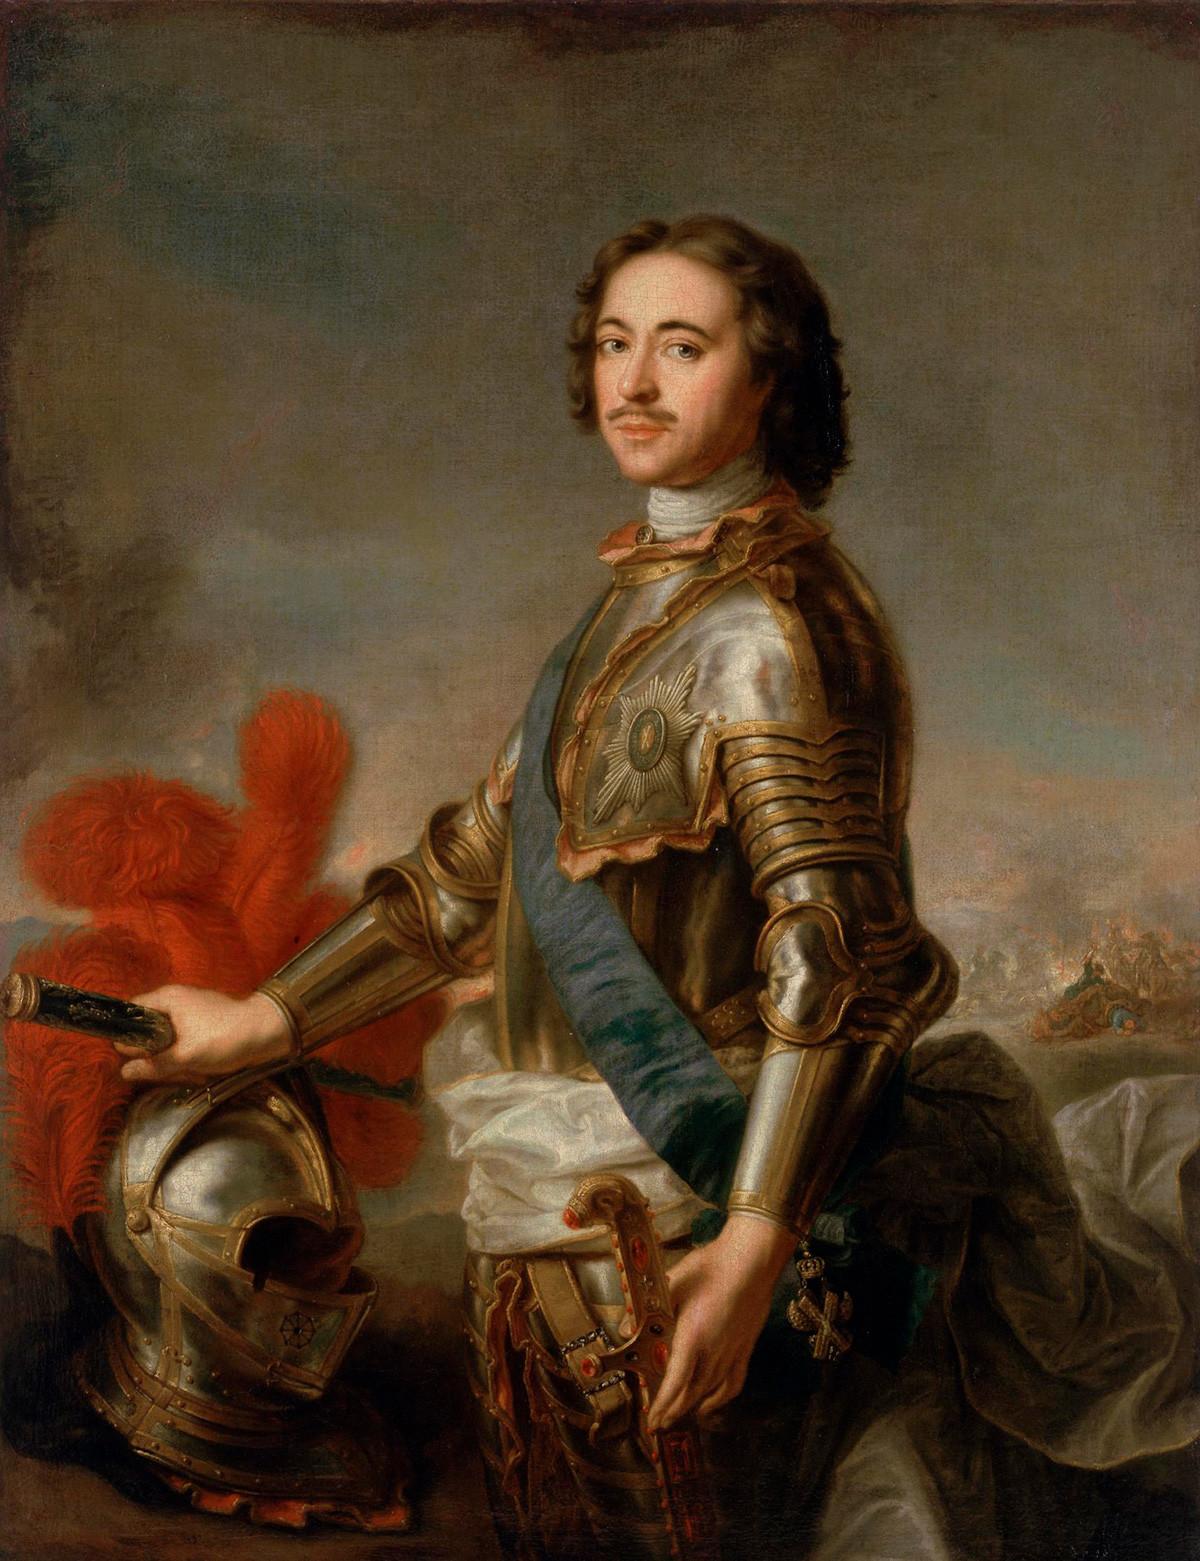 Portrait de Pierre le Grand (1672–1725) par Jean-Marc Nattier